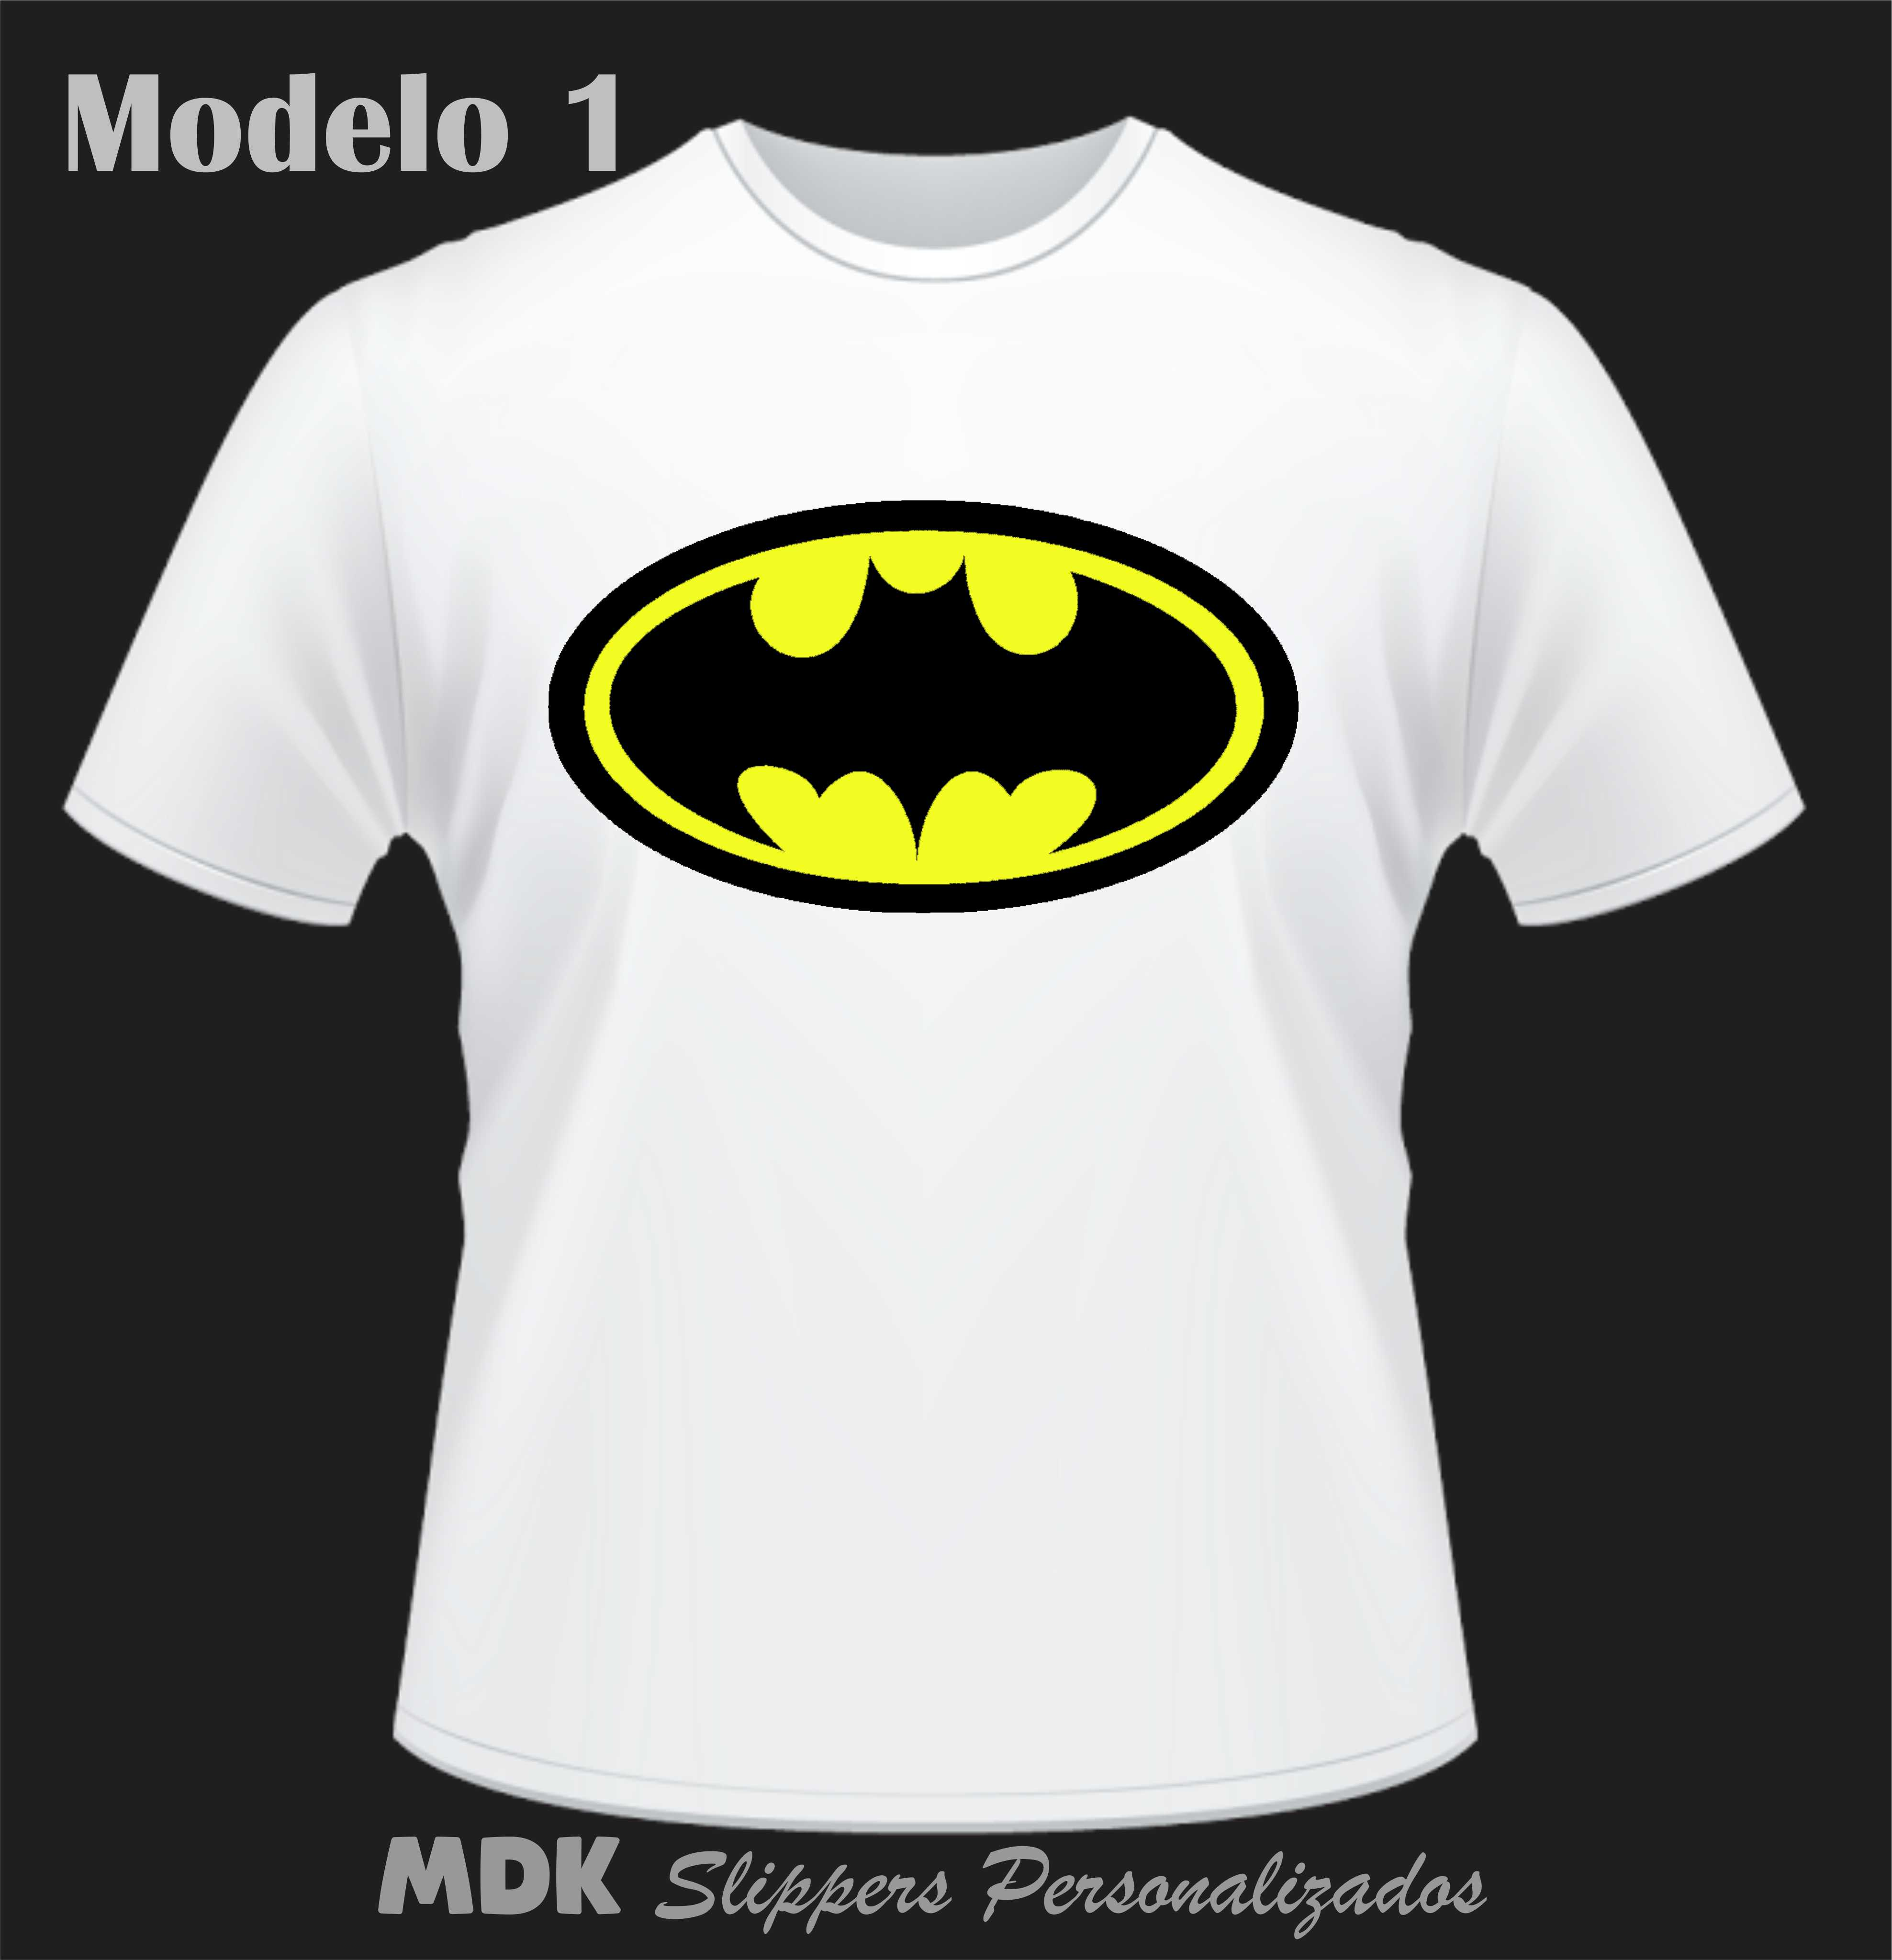 Camiseta Personalizada - BATMAN no Elo7  b7a2049bcb8e8